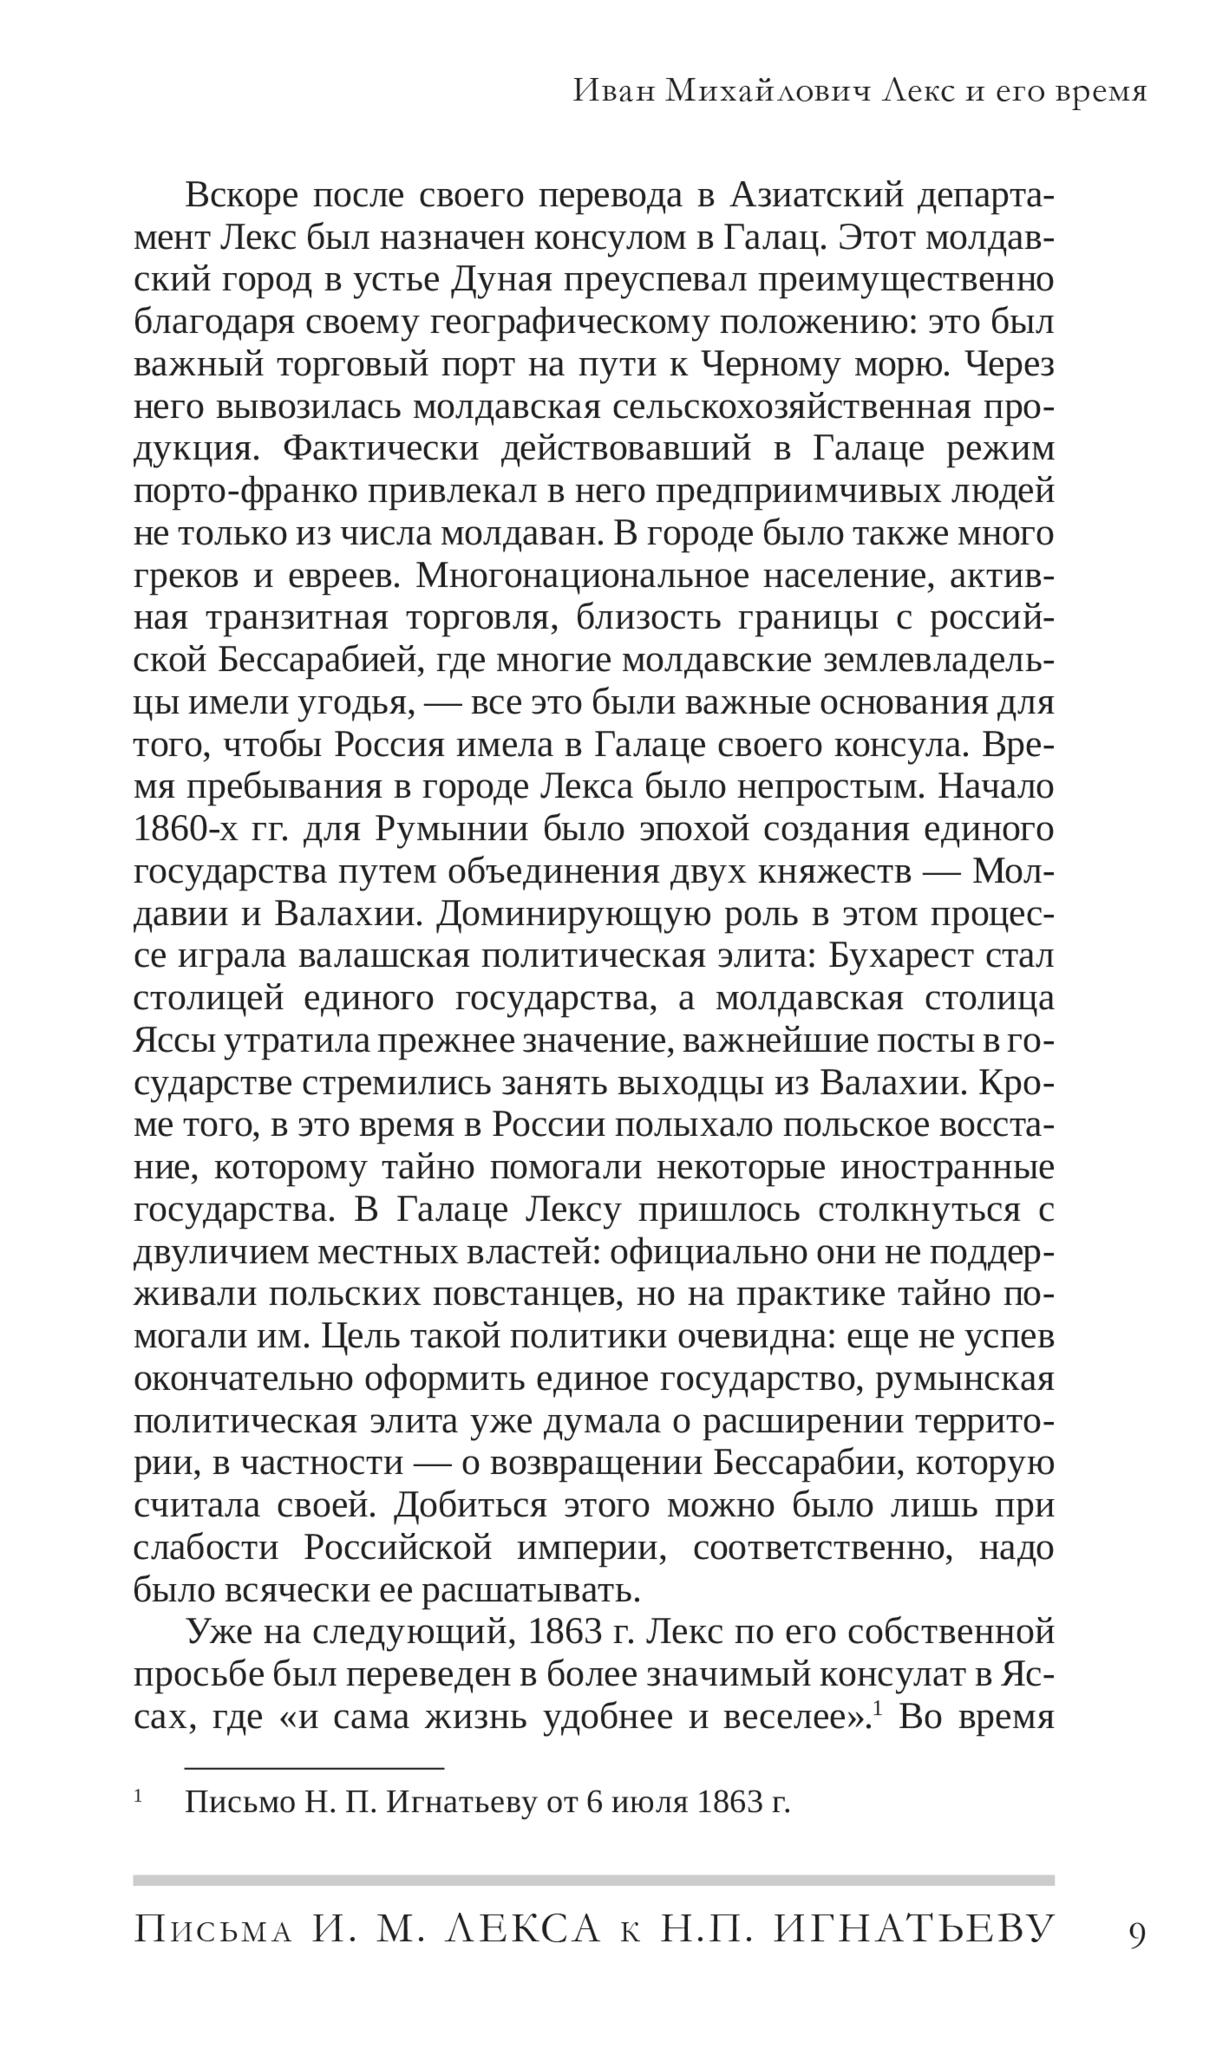 Румыния и Египет в 1860–1870-е гг. Письма российского дипломата И. М. Лекса к Н. П. Игнатьеву.Копировать товар с. 9